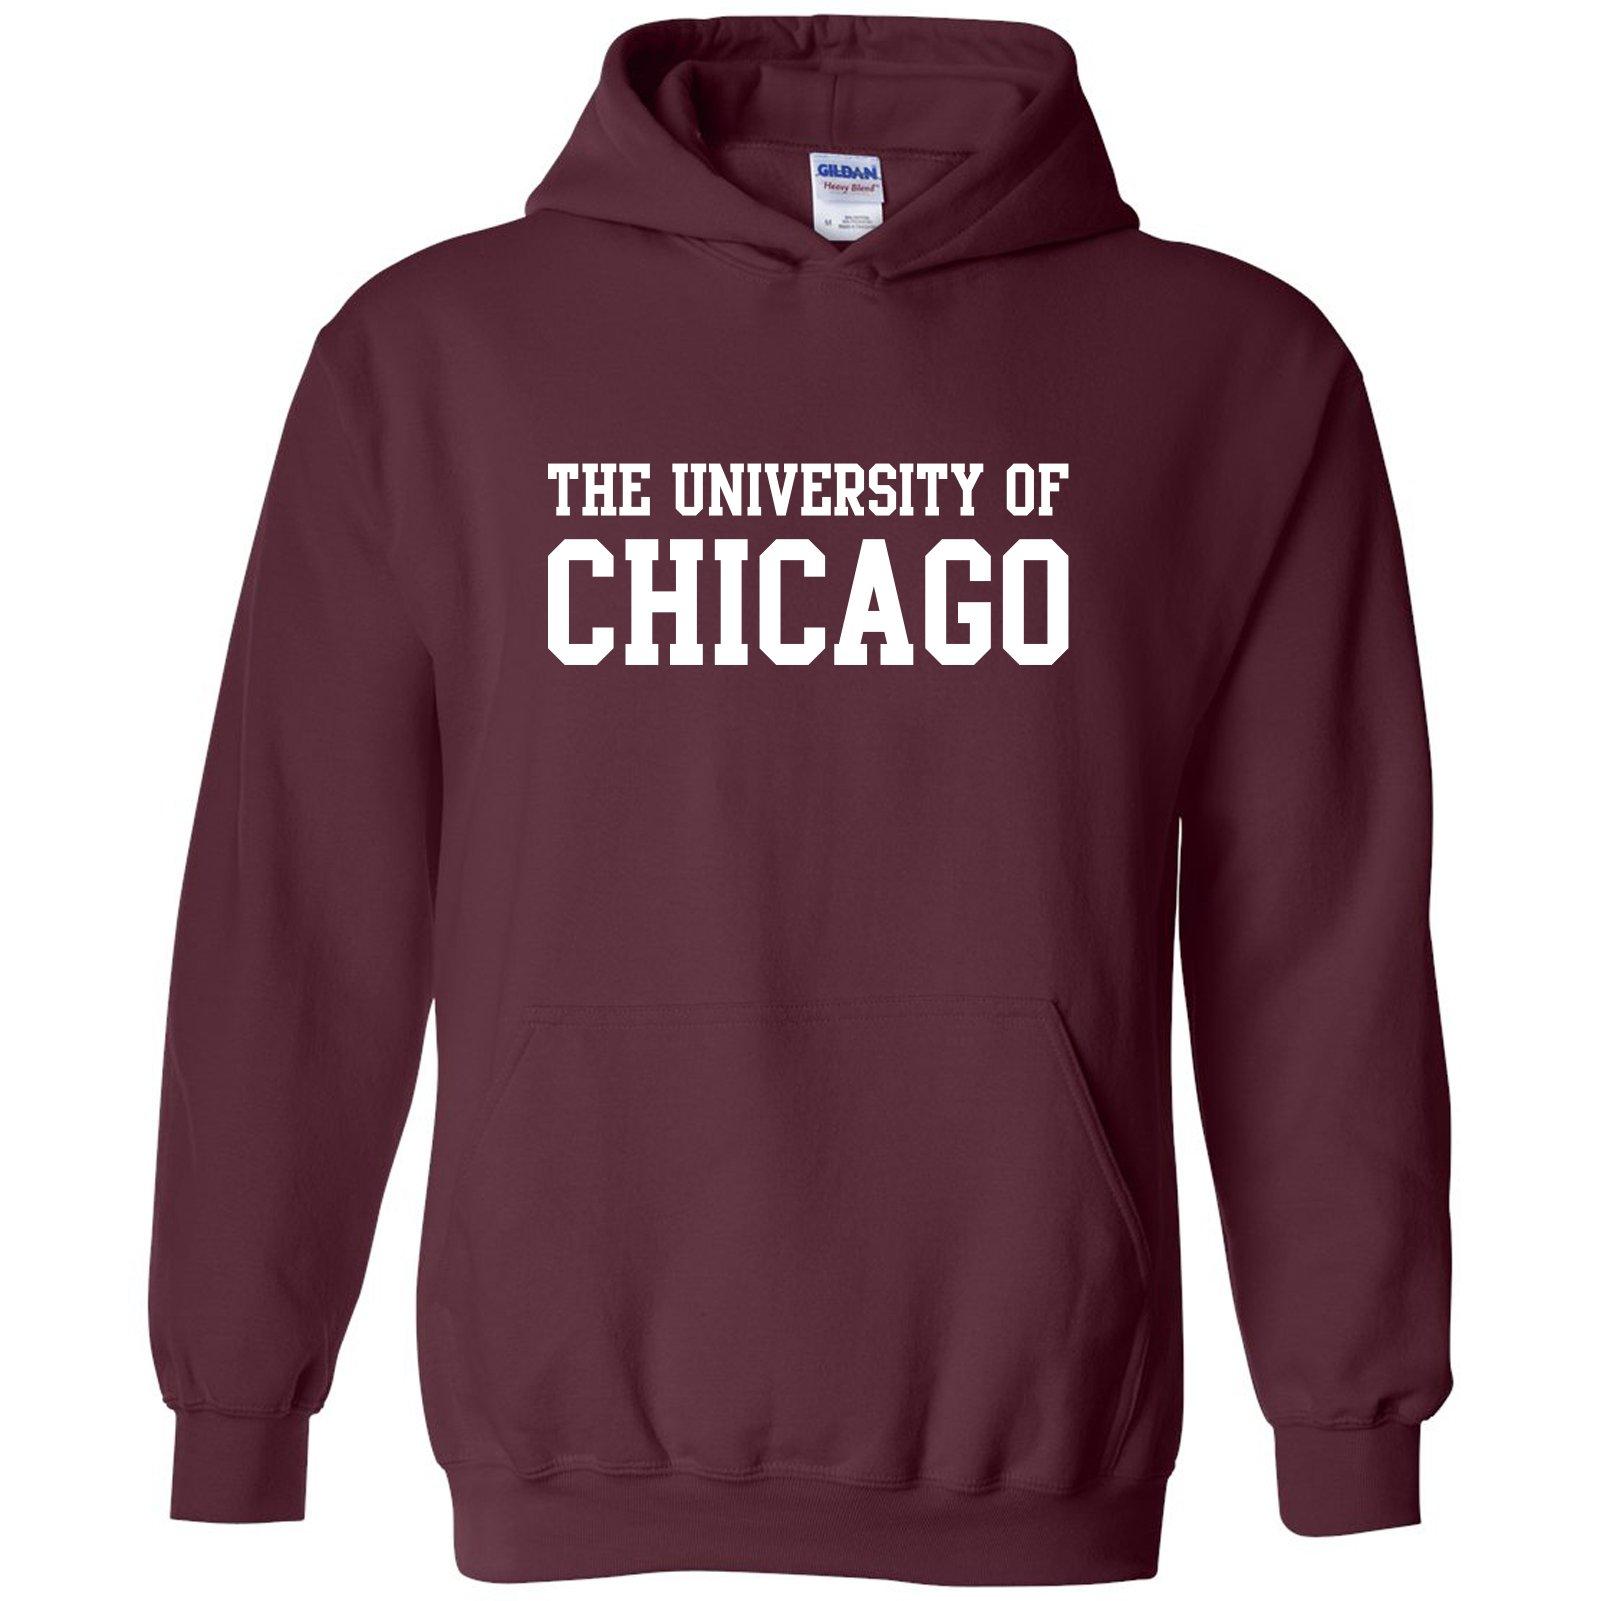 AH01 - University of Chicago Phoenix Basic Block Hoodie - Large - Maroon